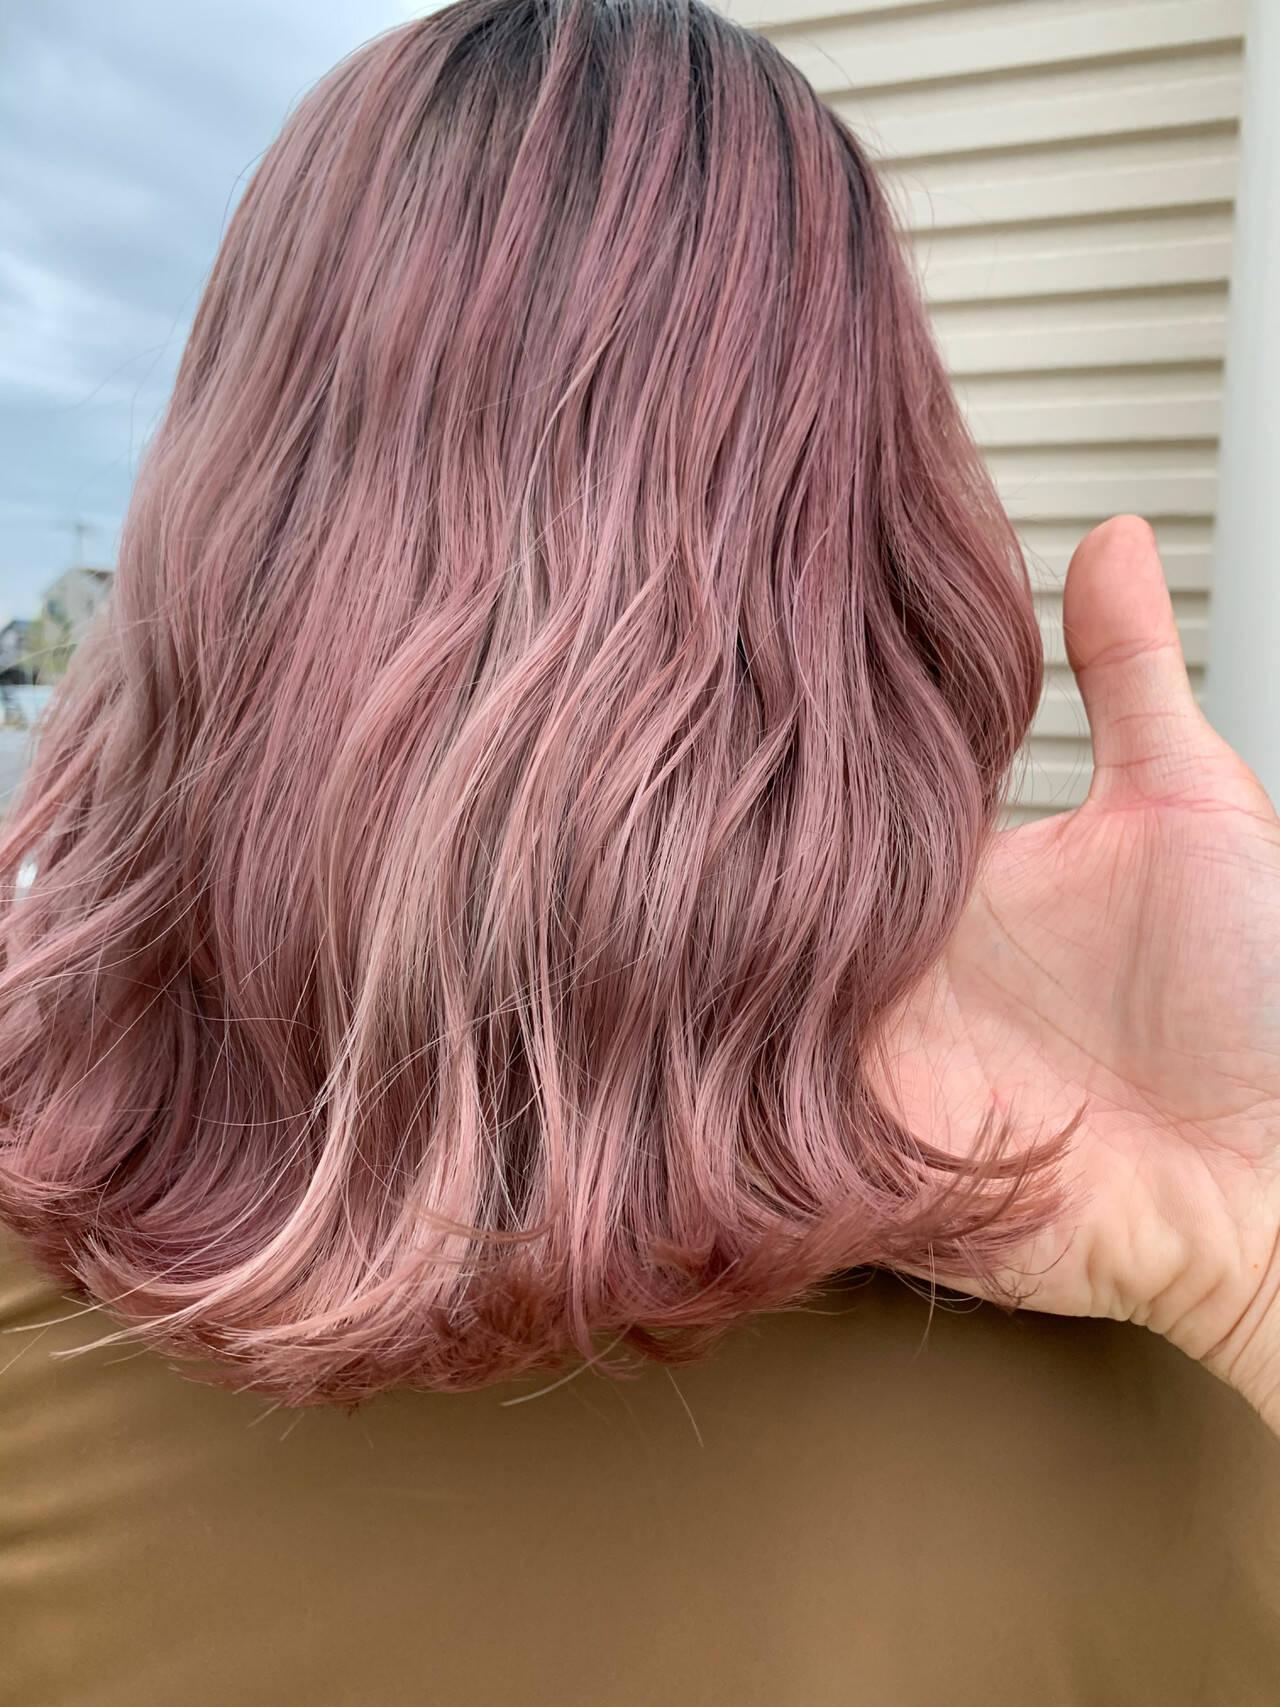 ガーリー ピンク ピンクパープル ミディアムヘアスタイルや髪型の写真・画像